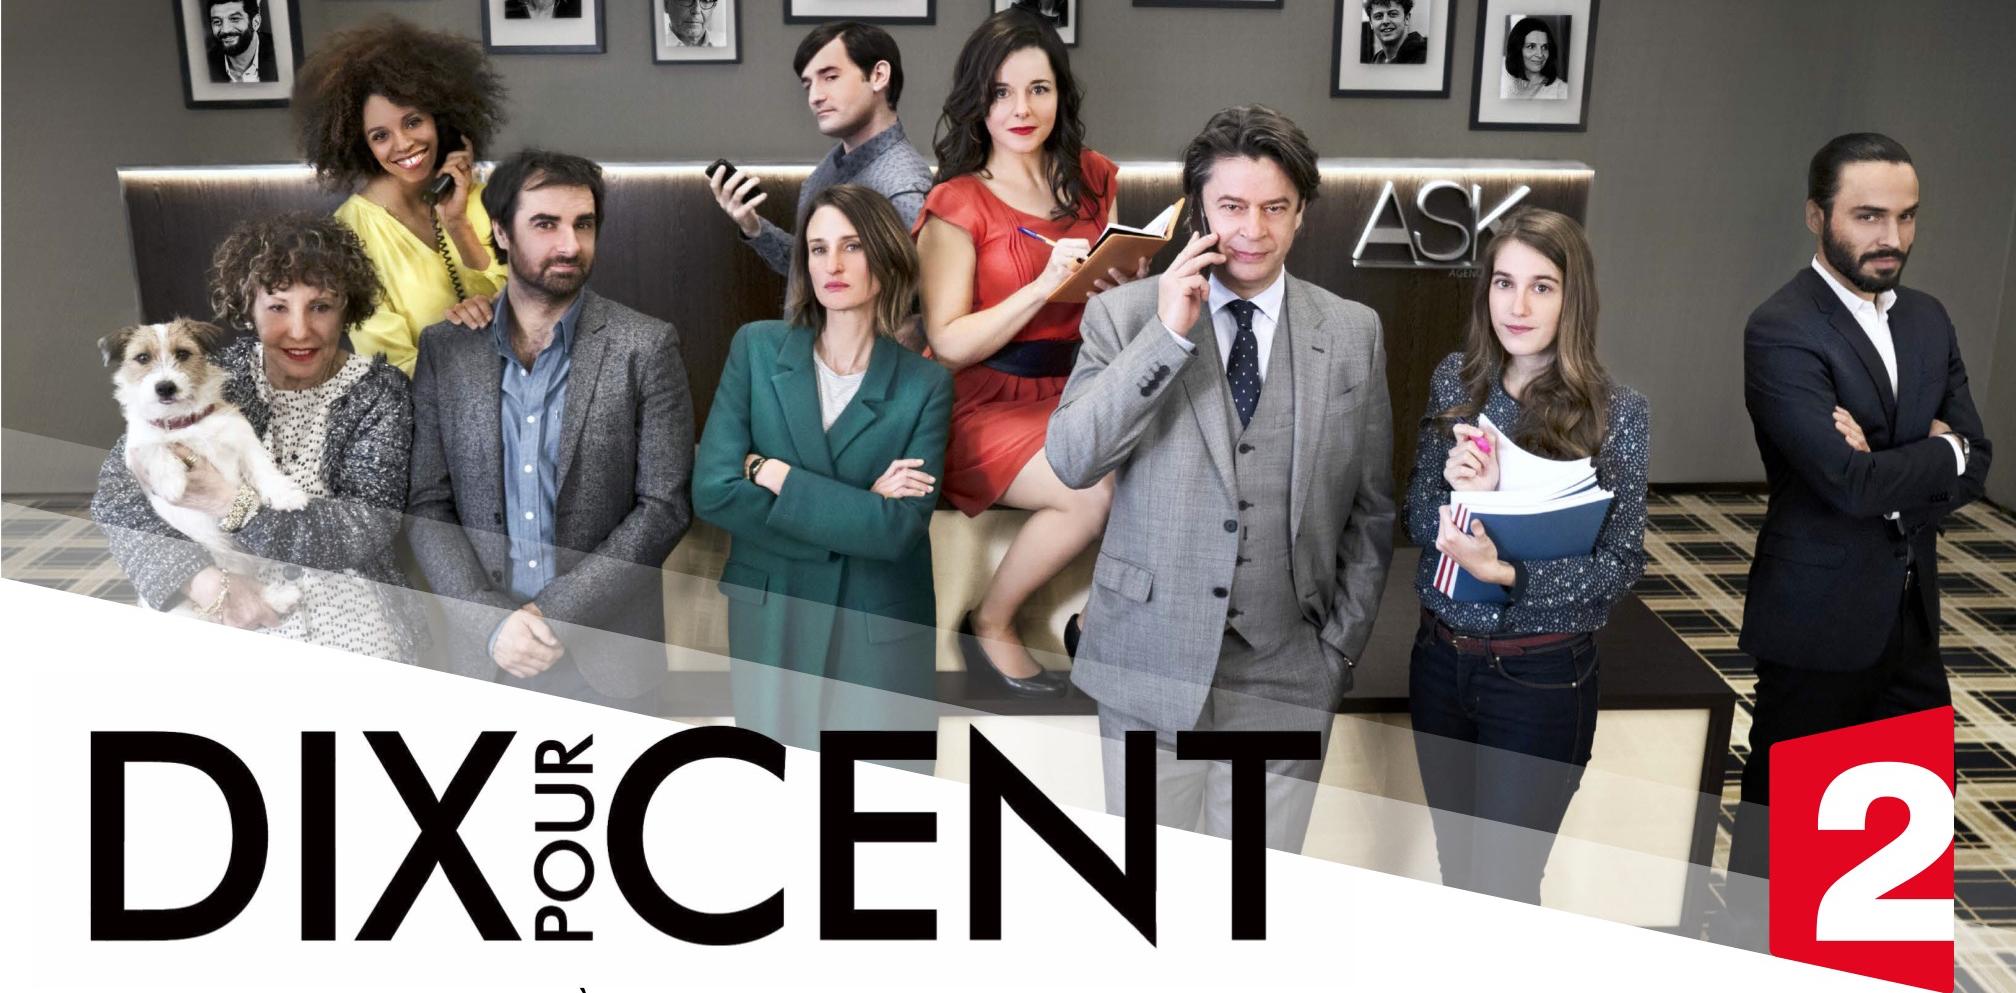 Pour cette dernière saison de la série à succès Dix pour Cent mettant en scène les agents de stars du cinéma, Mathias, Gabriel, et Andréa, au sein de l'agence fictive A.S.K., de nouvelles stars viendront compléter ce casting particulier de comédiens et comédiennes jouant leur propre rôle.